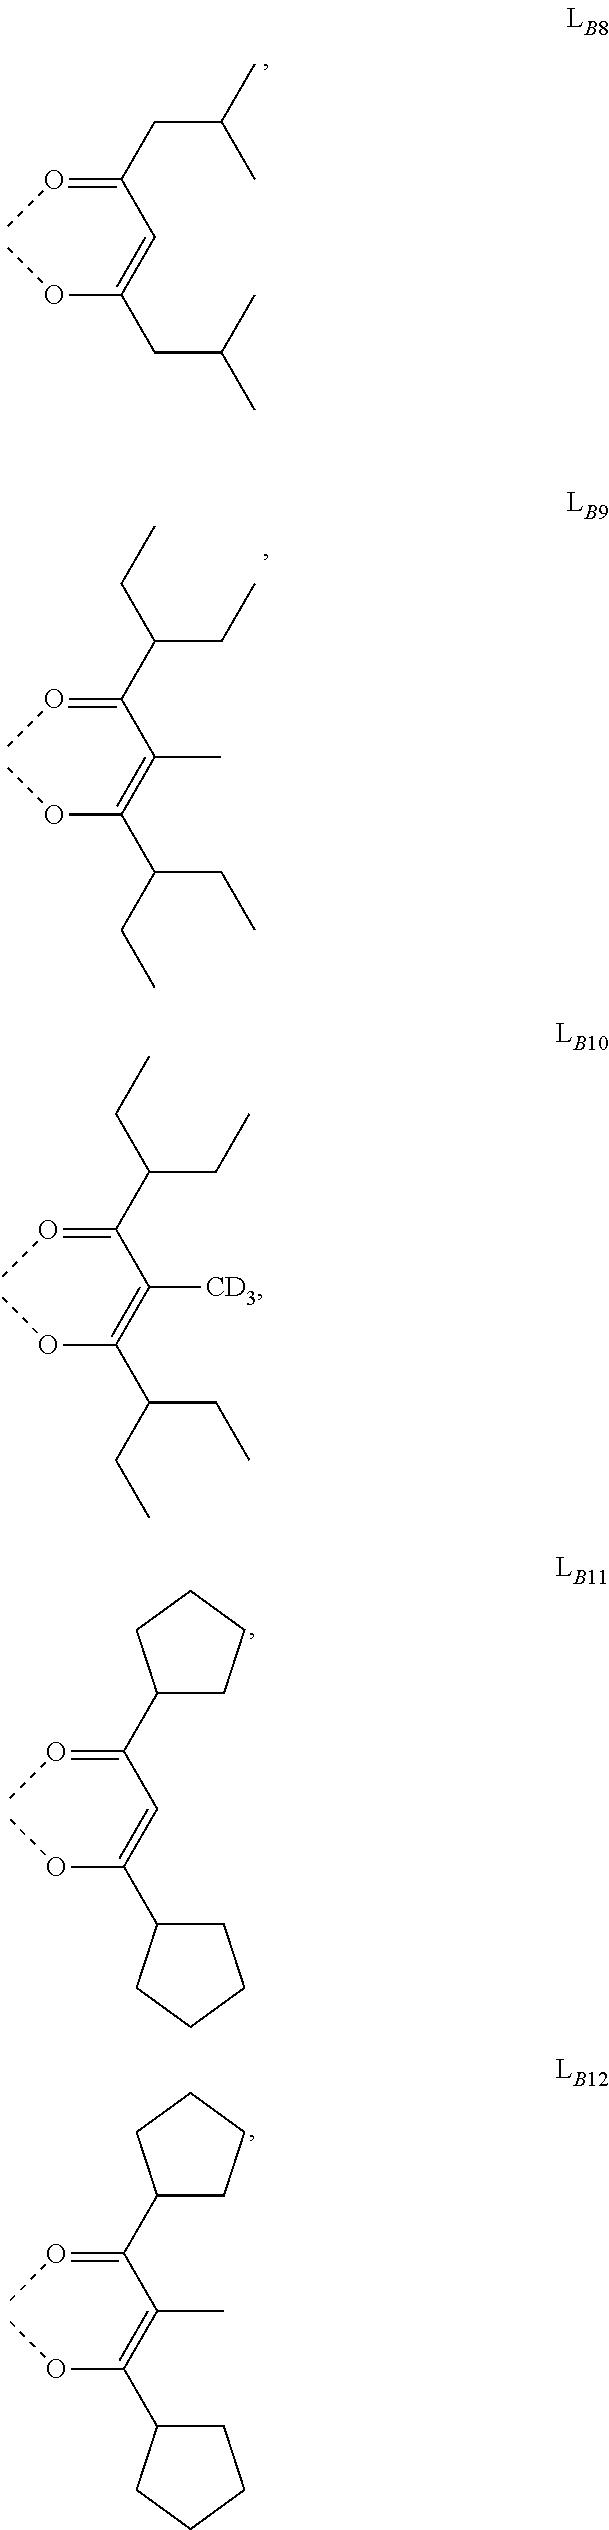 Figure US09859510-20180102-C00024